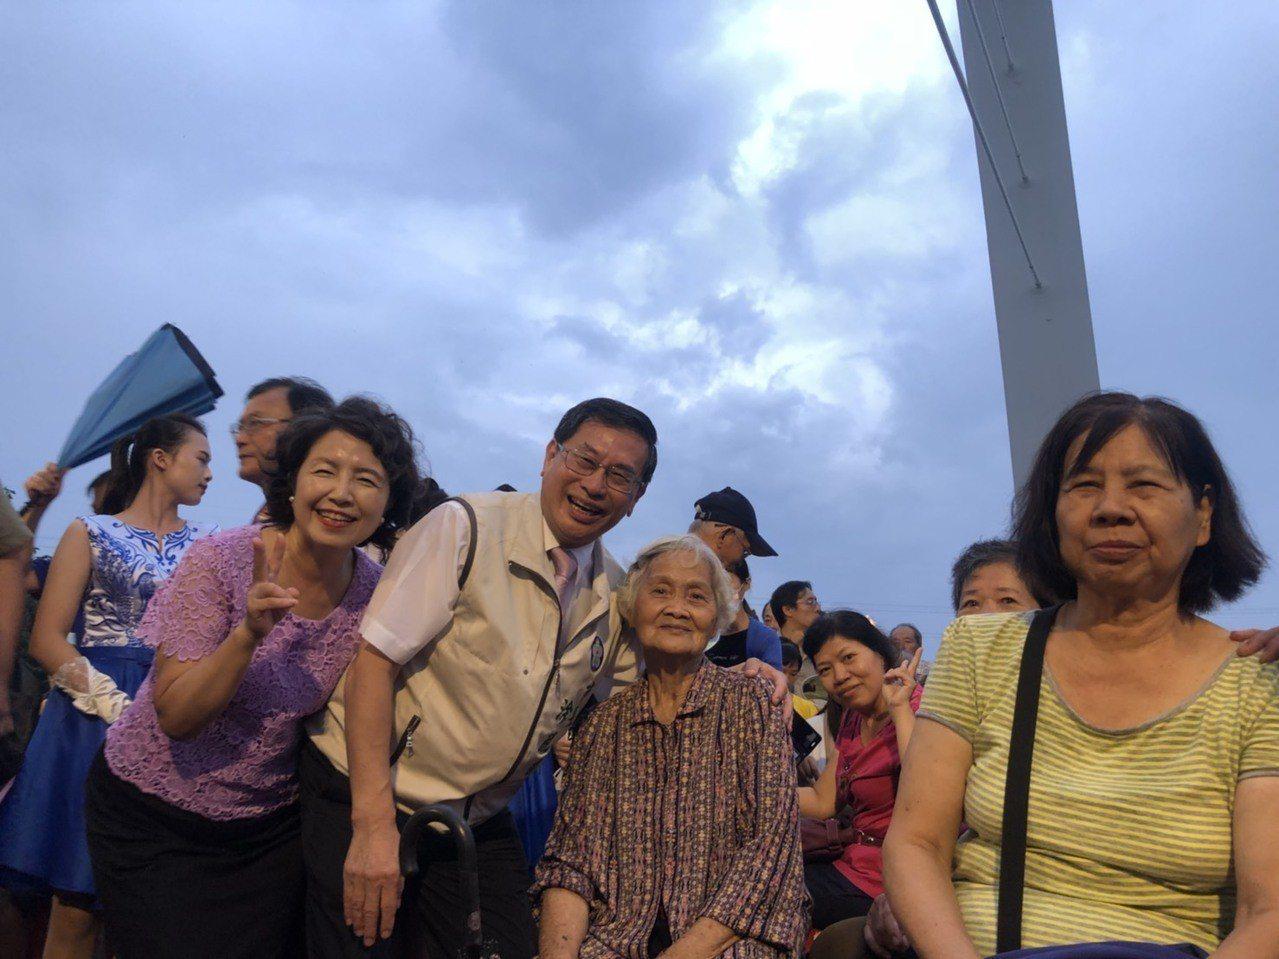 位於八掌溪畔的景觀斜張橋「彌陀映月橋」今天傍晚舉行通行啟用典禮暨音樂晚會,市長涂...